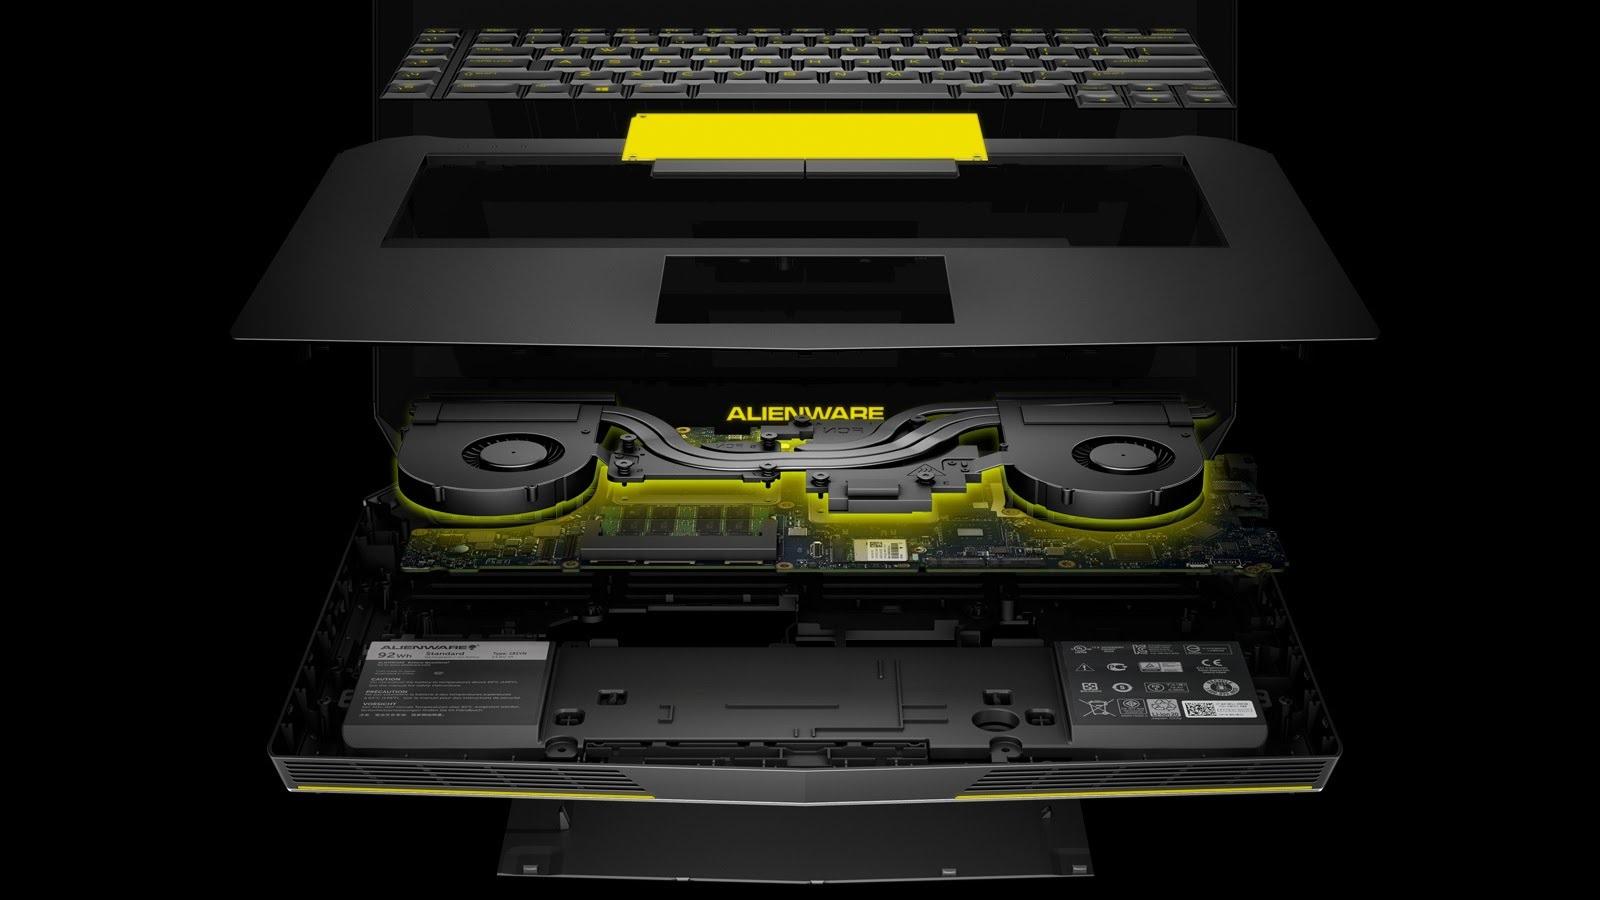 Alienware - notebook